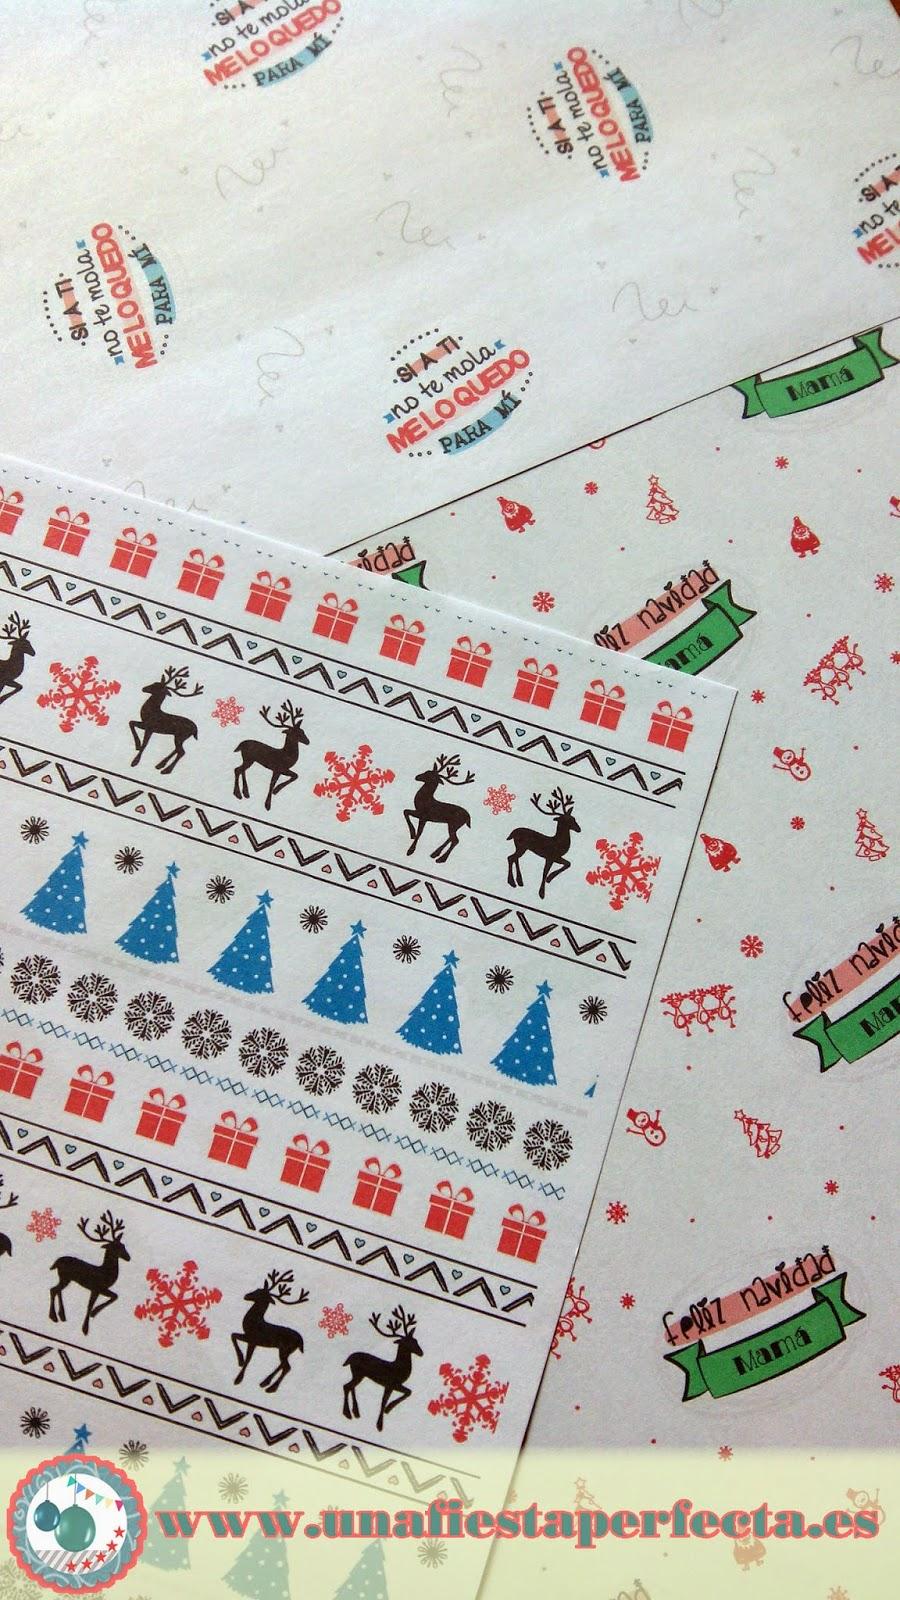 Papeles Navidad - UnaFiestaPerfecta.es.jpg